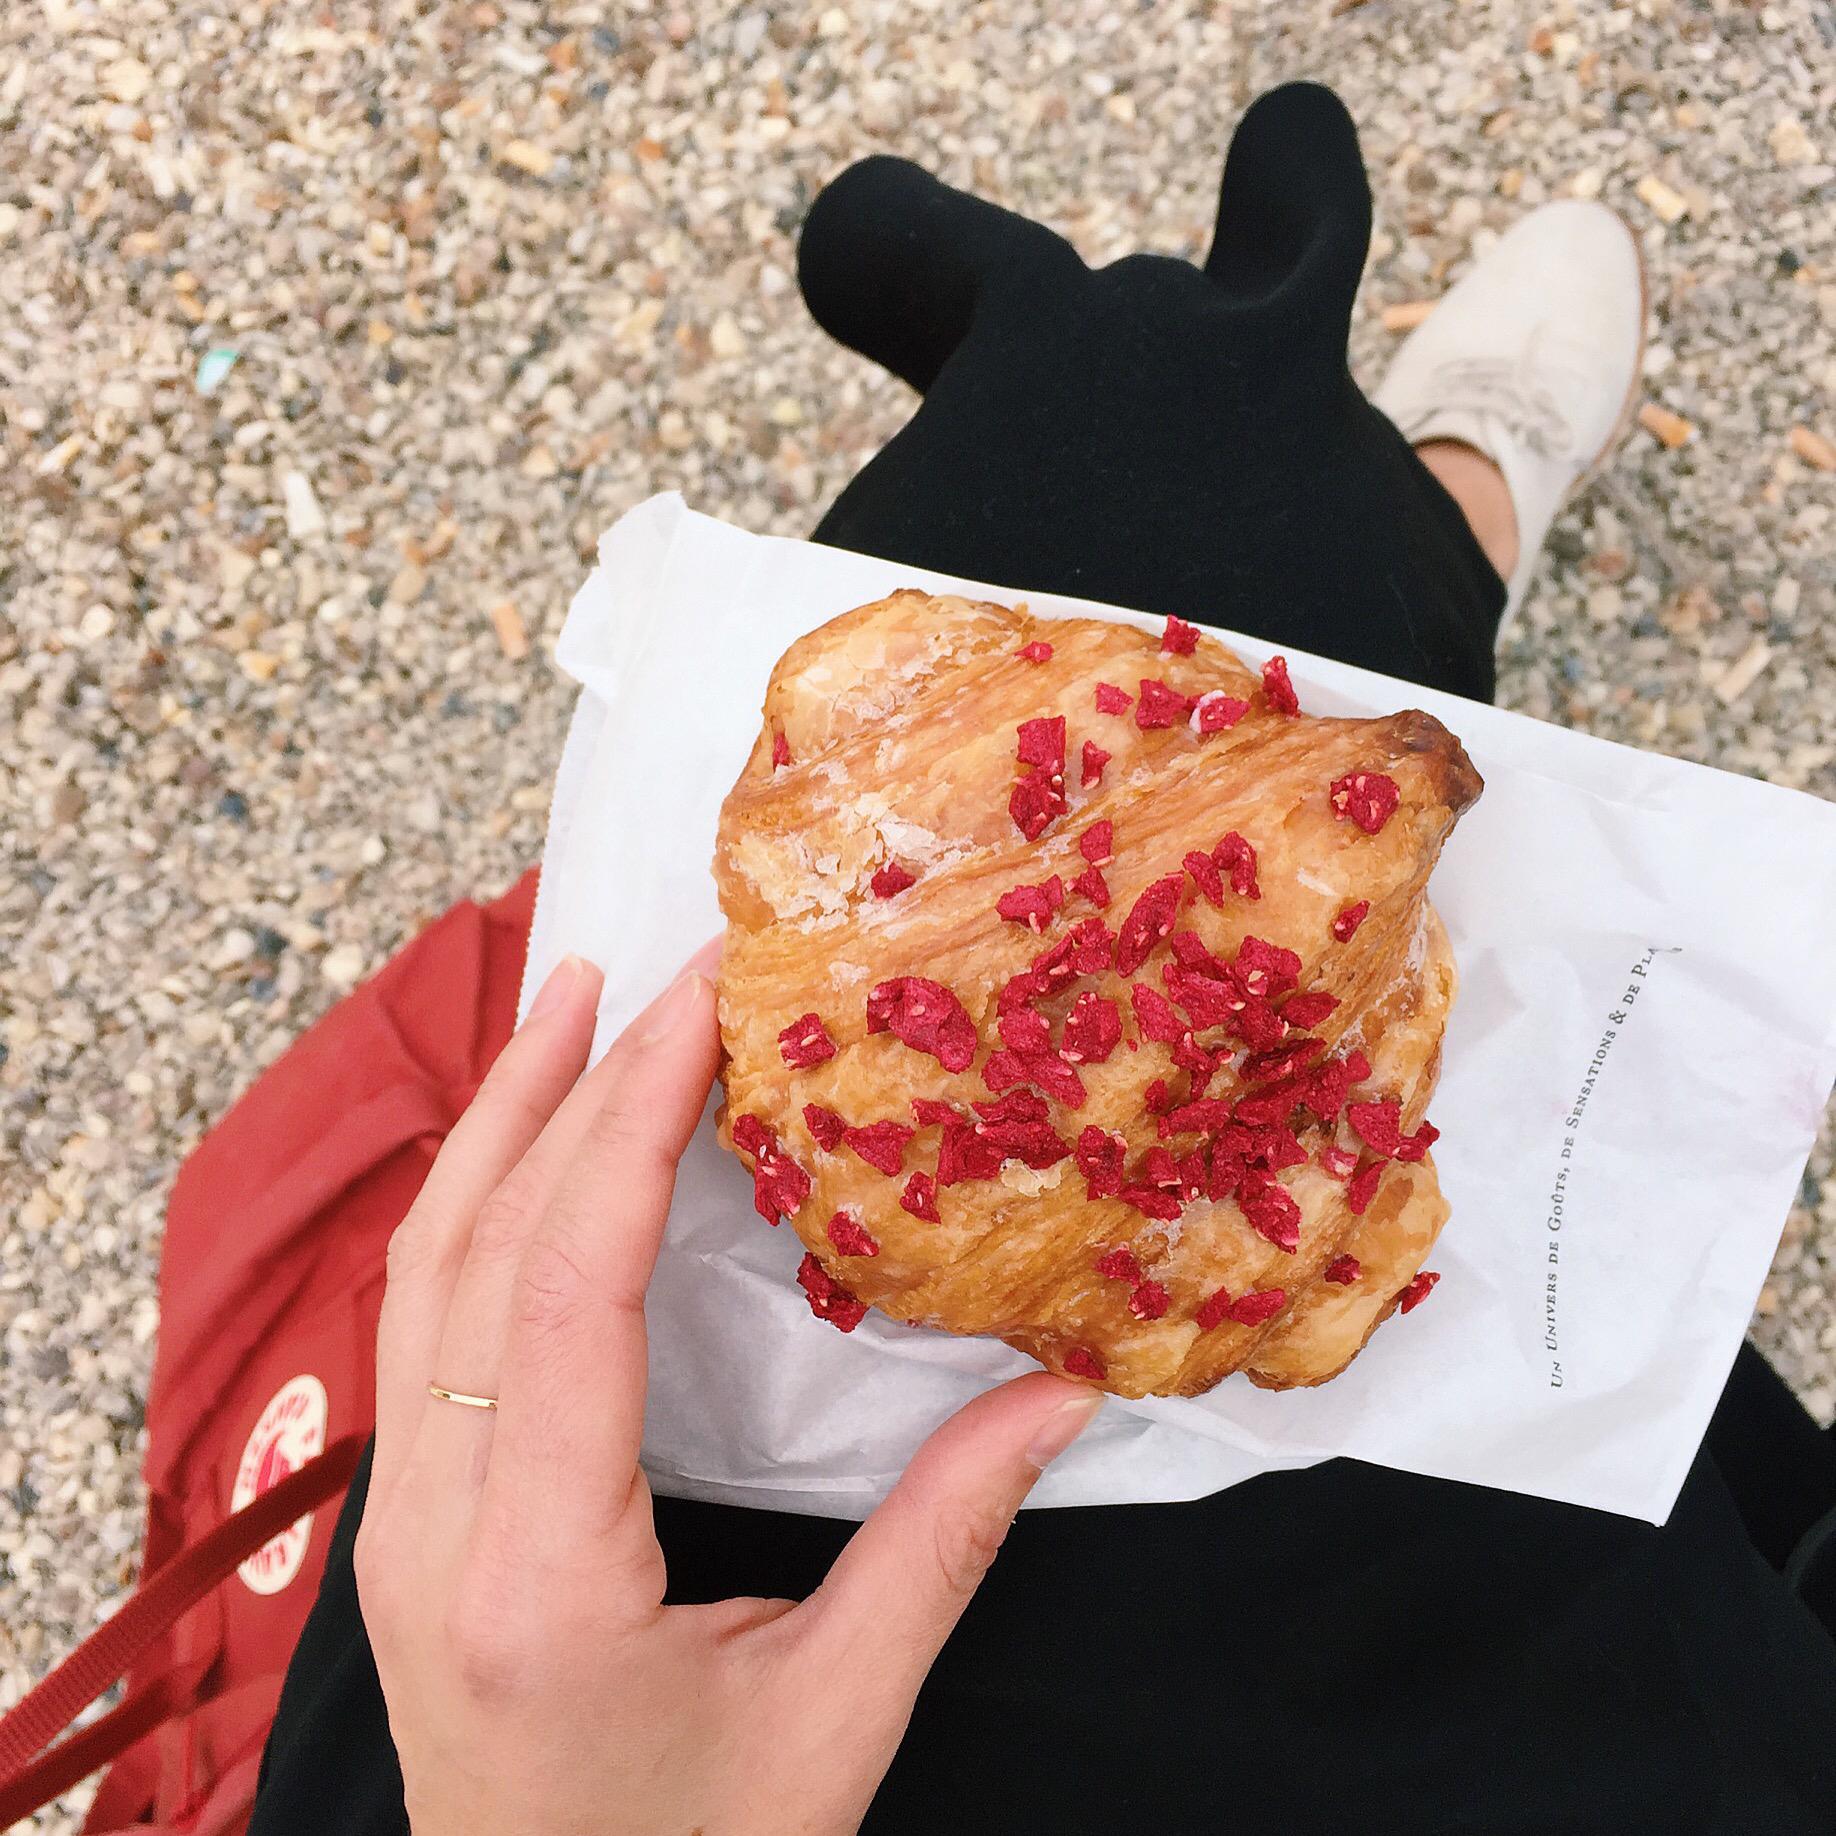 Pierre Herme's fancy croissant